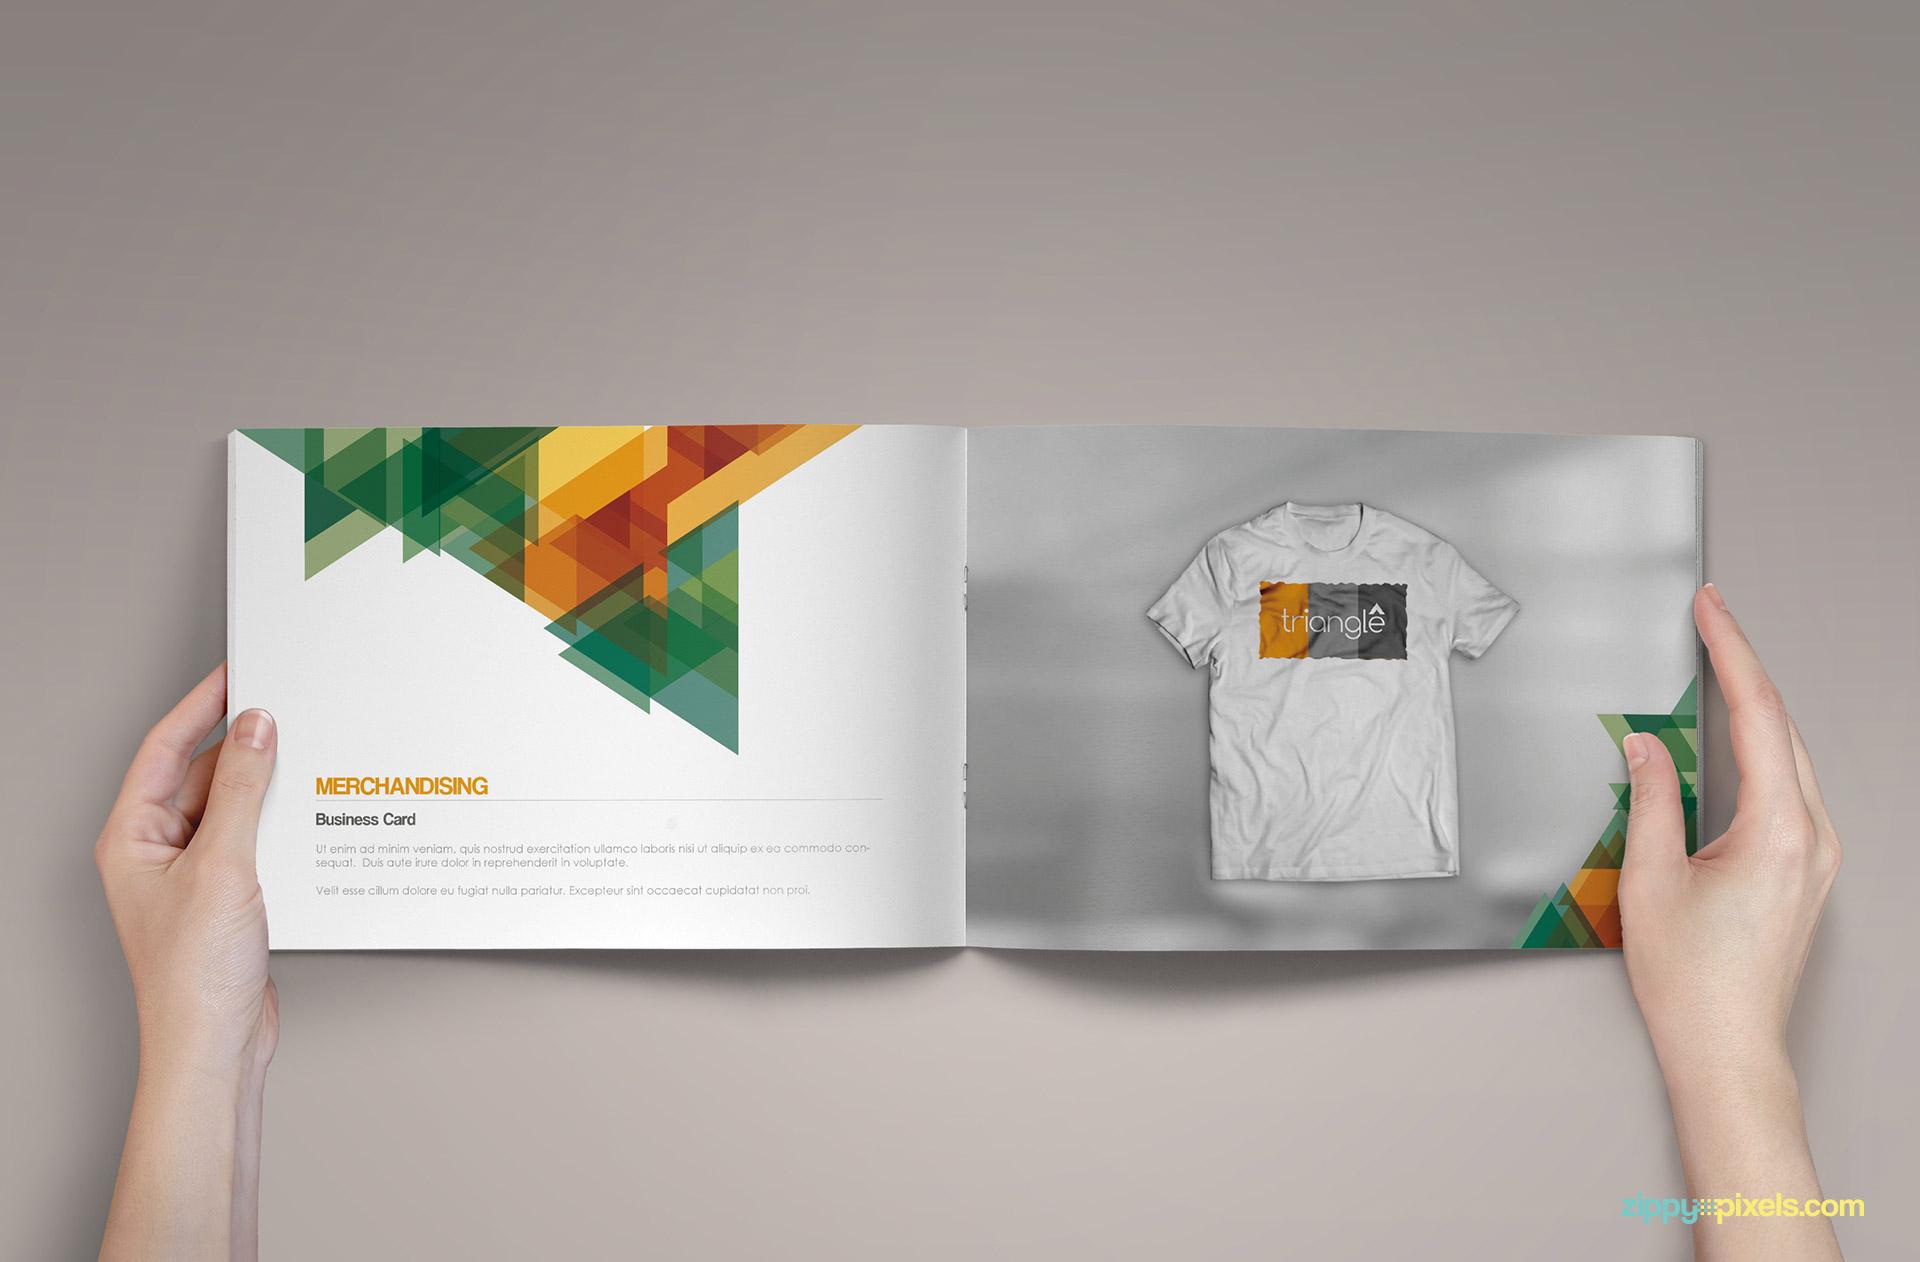 14-brand-book-9-merchandising